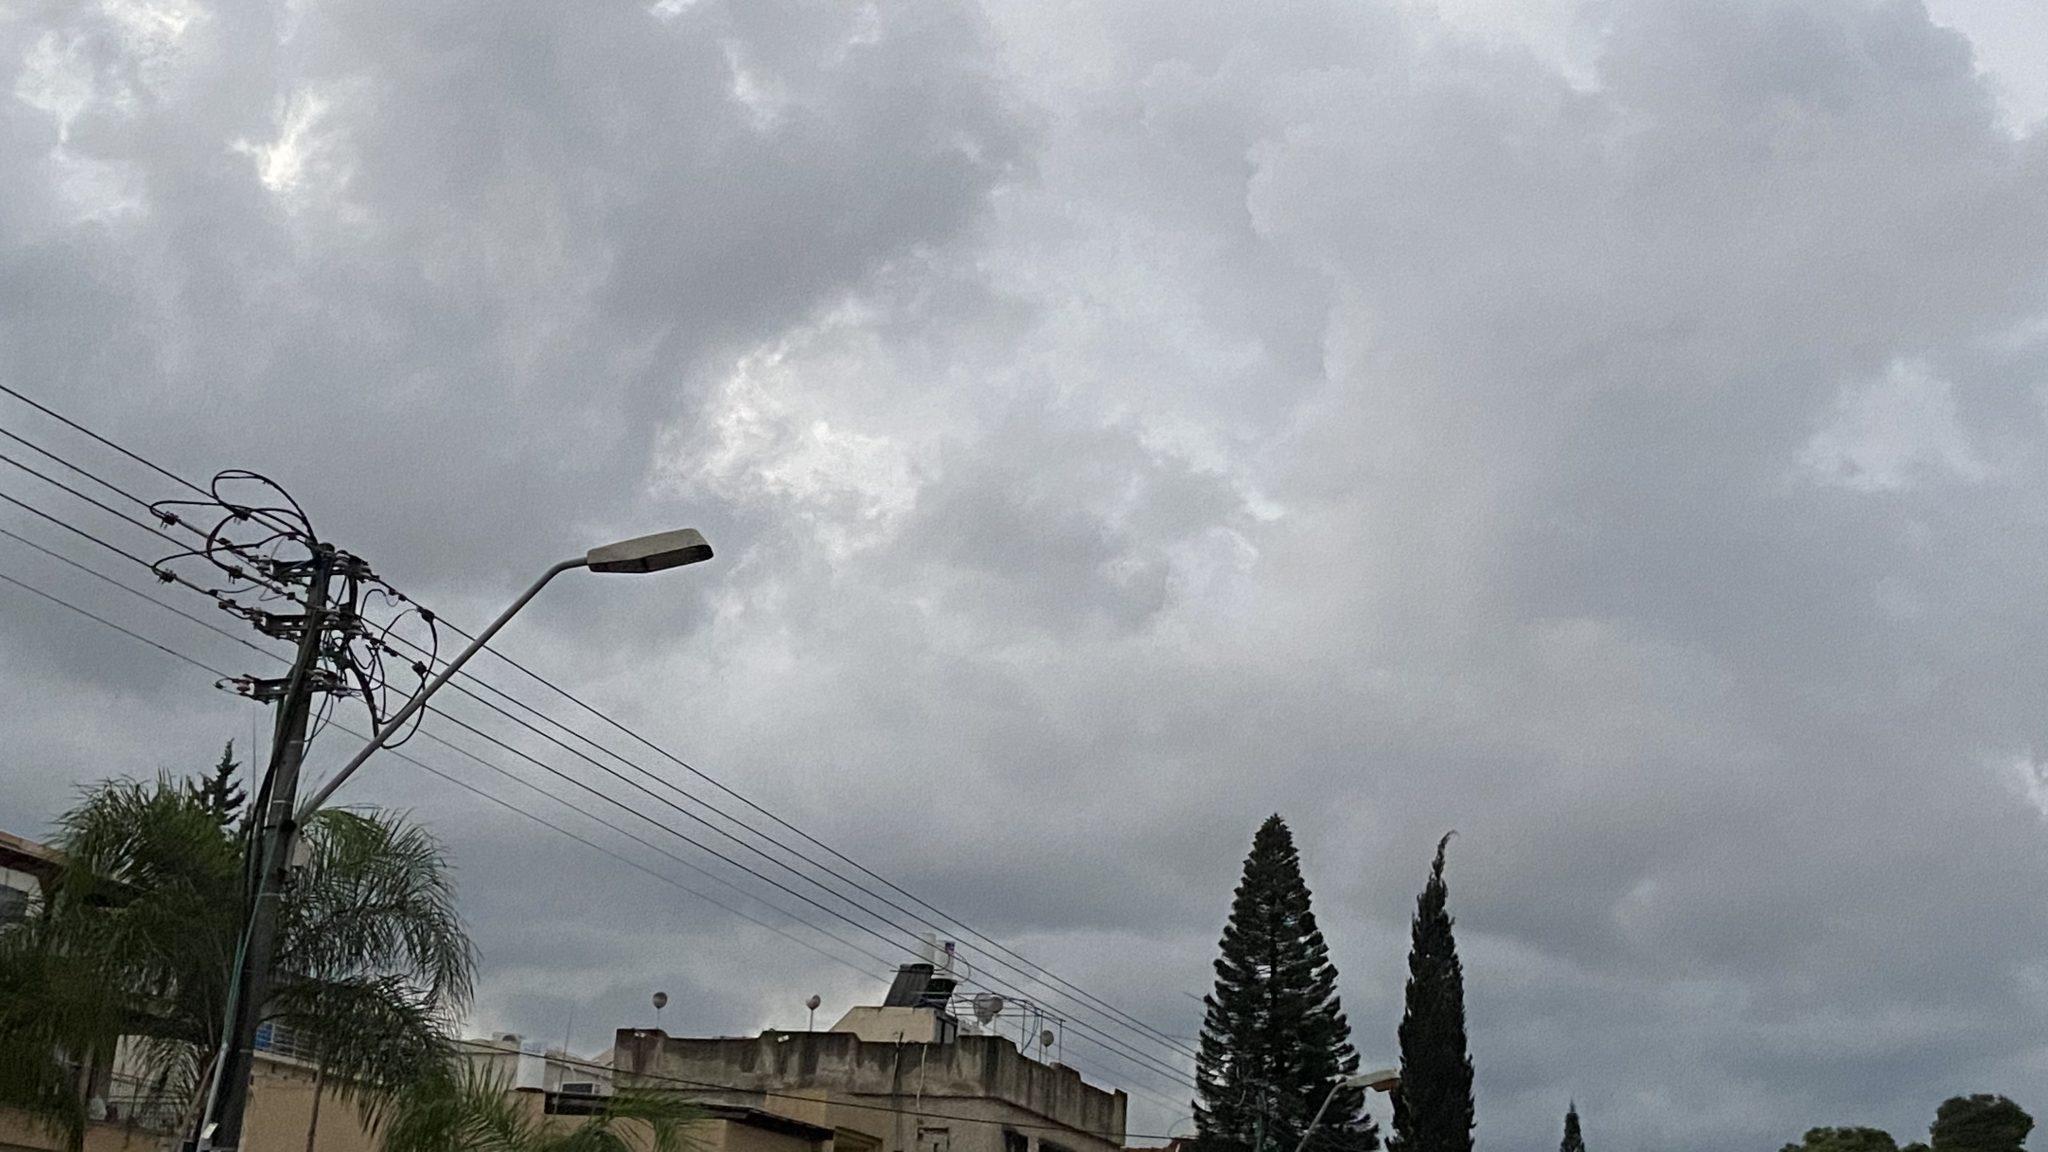 מערכת חורפית משמעותית בדרך | תחזית מזג האוויר המעודכנת